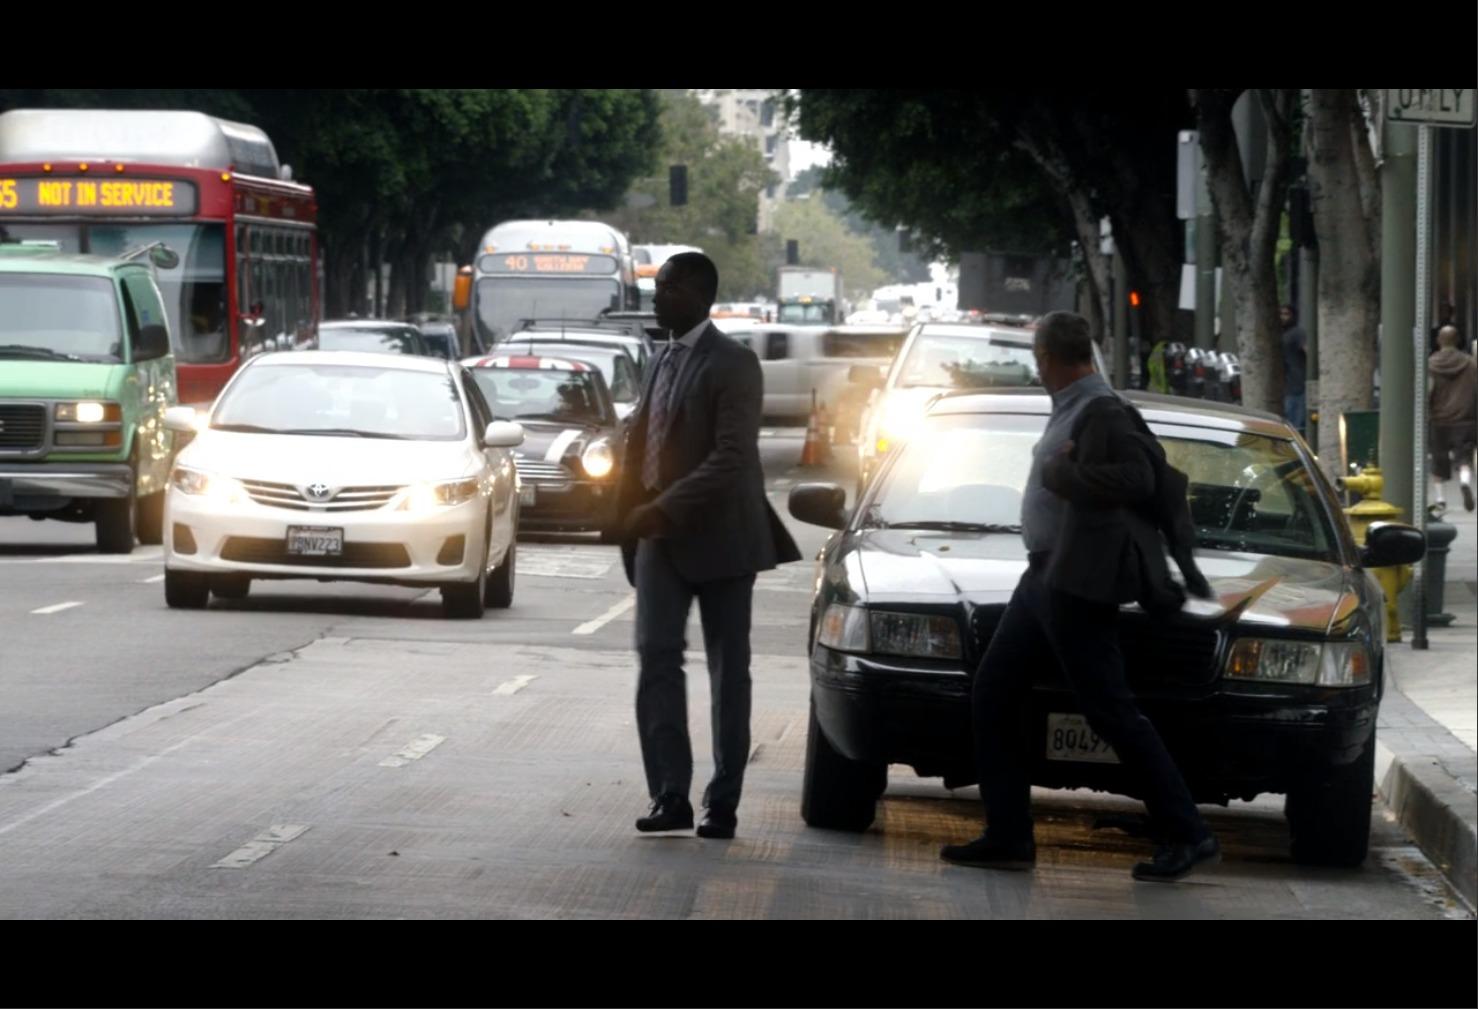 AmazonプライムビデオBOSCH二人の警官の画像